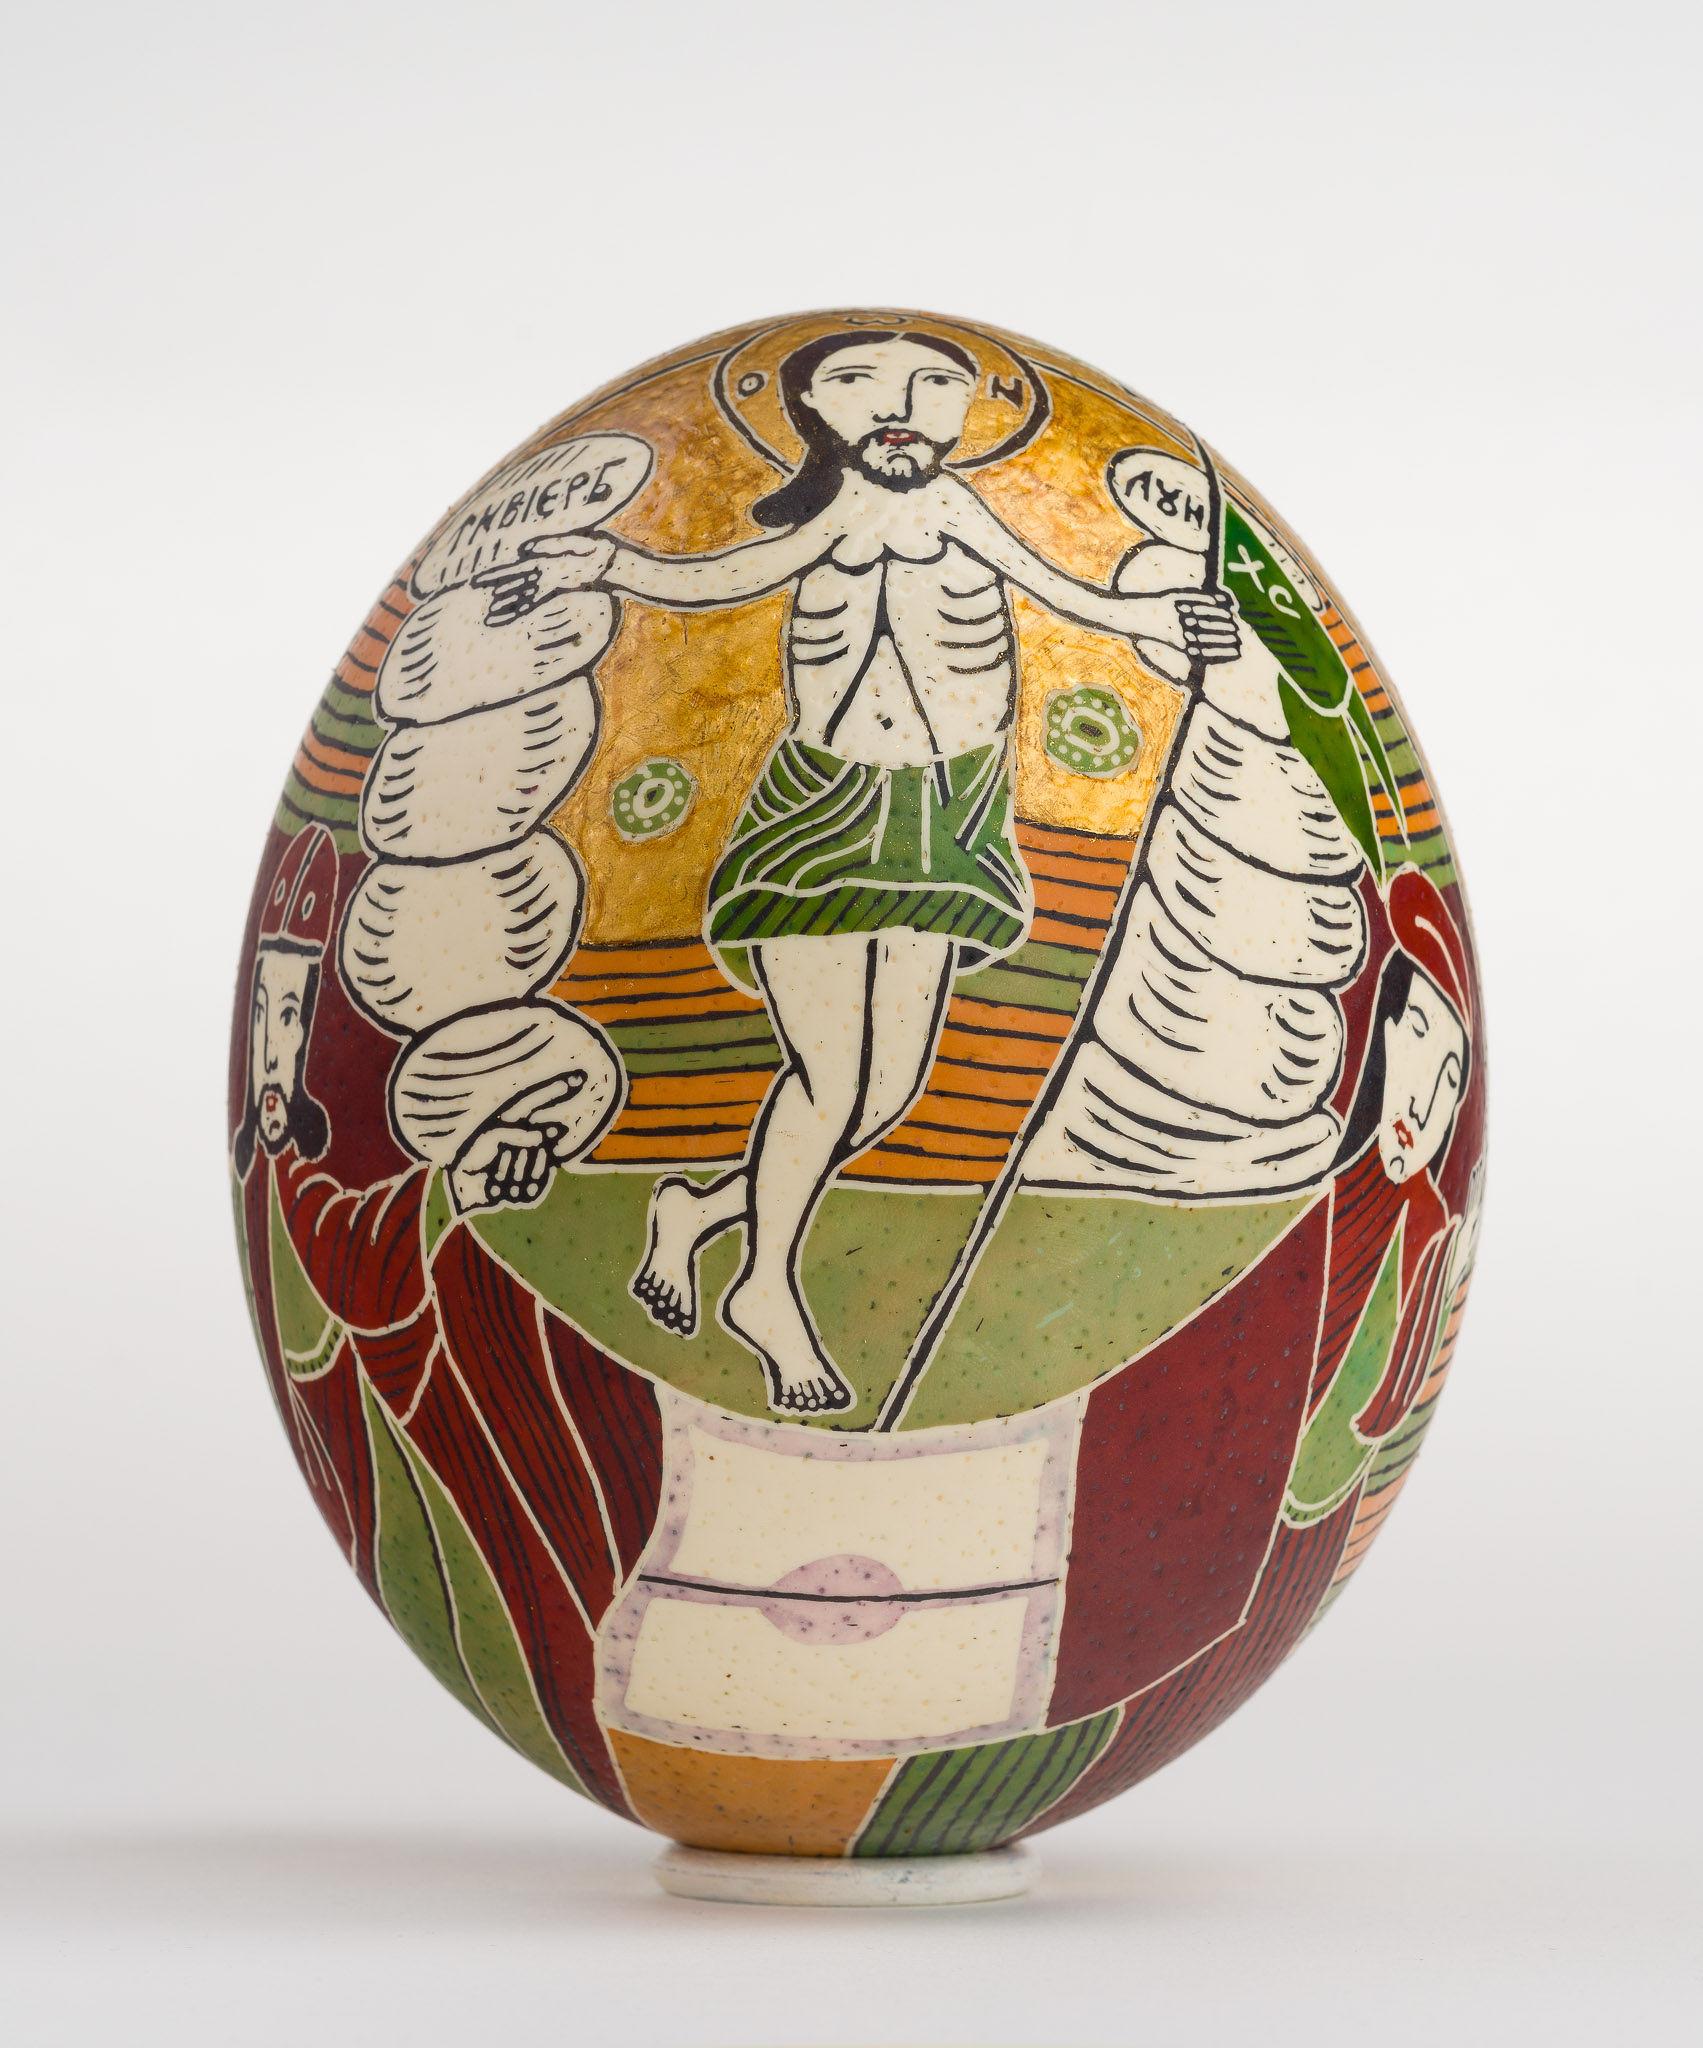 Icoană încondeiată pe ou de struț - Învierea Domnului. Sfintele Paști - maryando-118.jpg